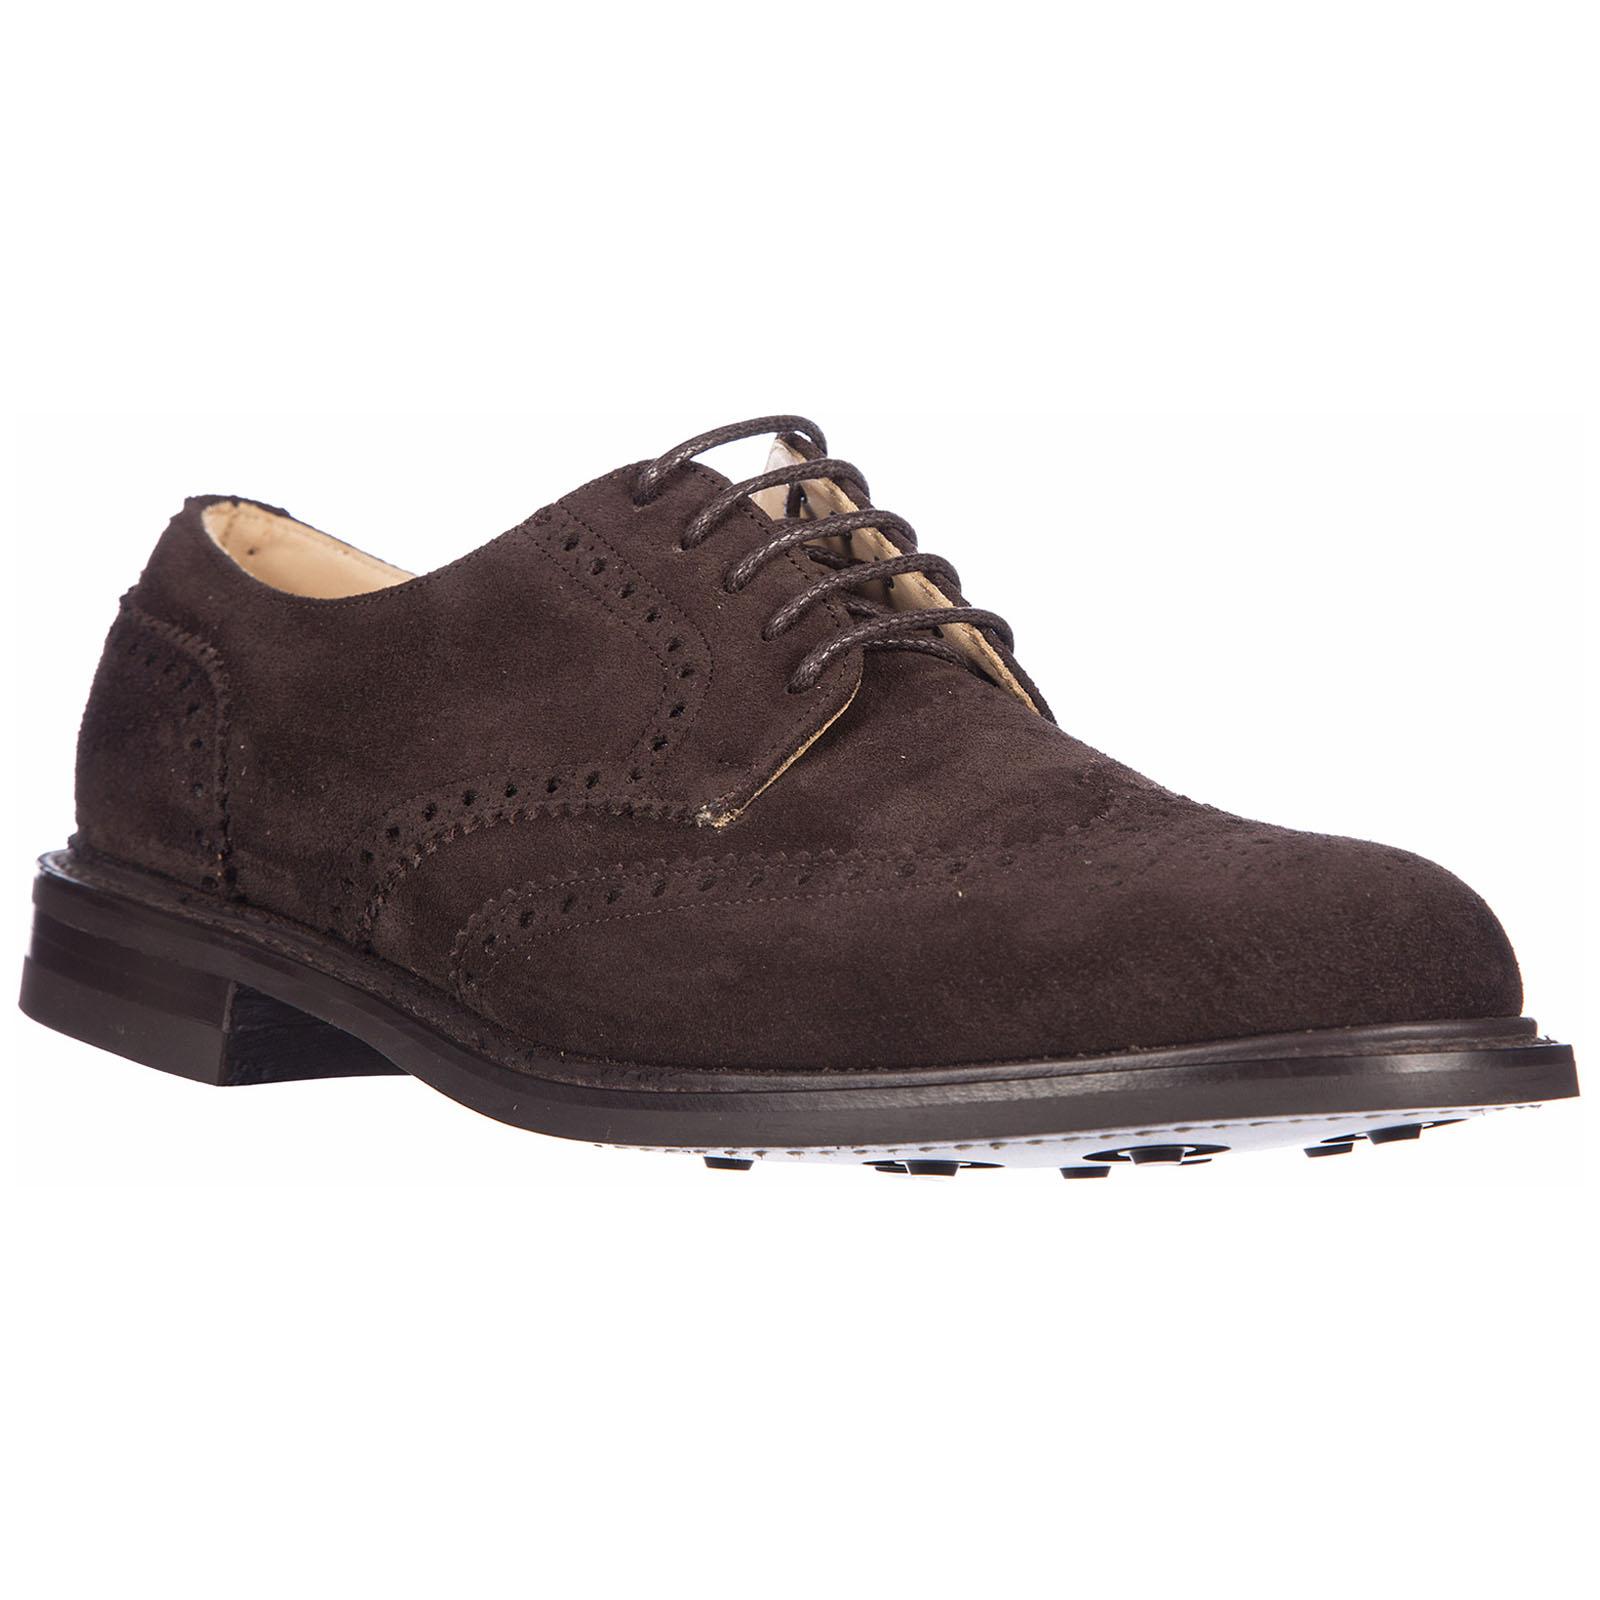 Clásico zapatos de cordones en ante hombres derby new ark castoro